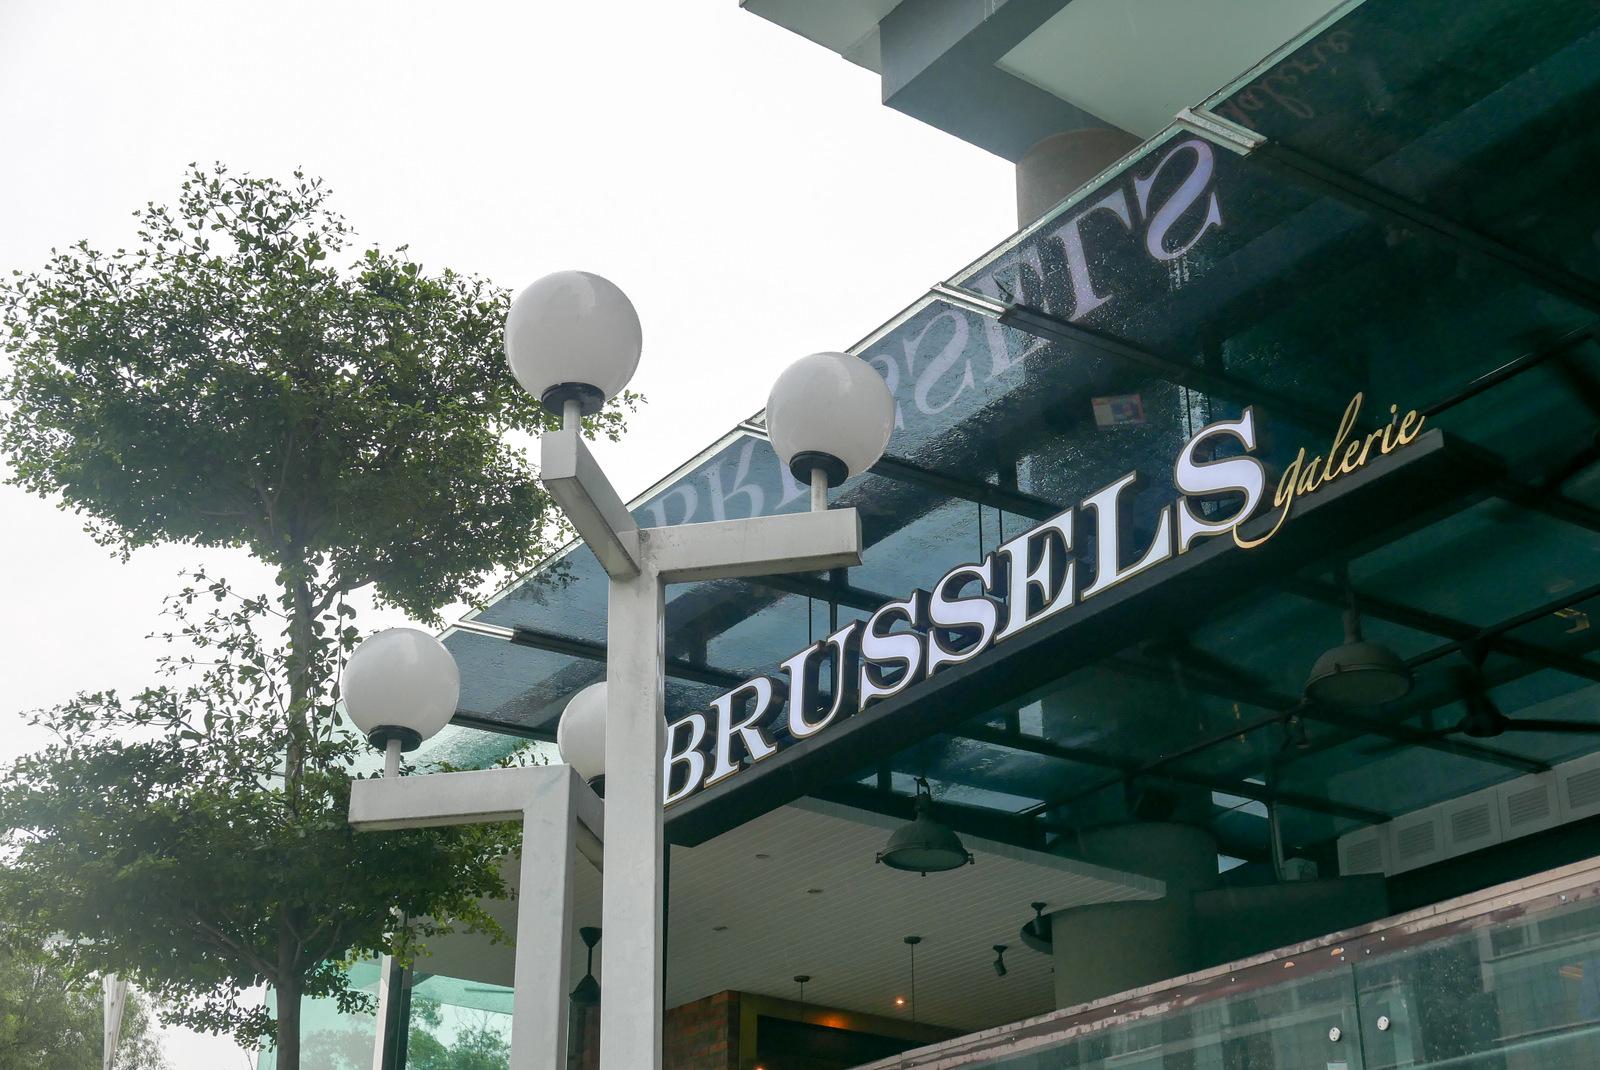 brussels galerie @ nexus bangsar south